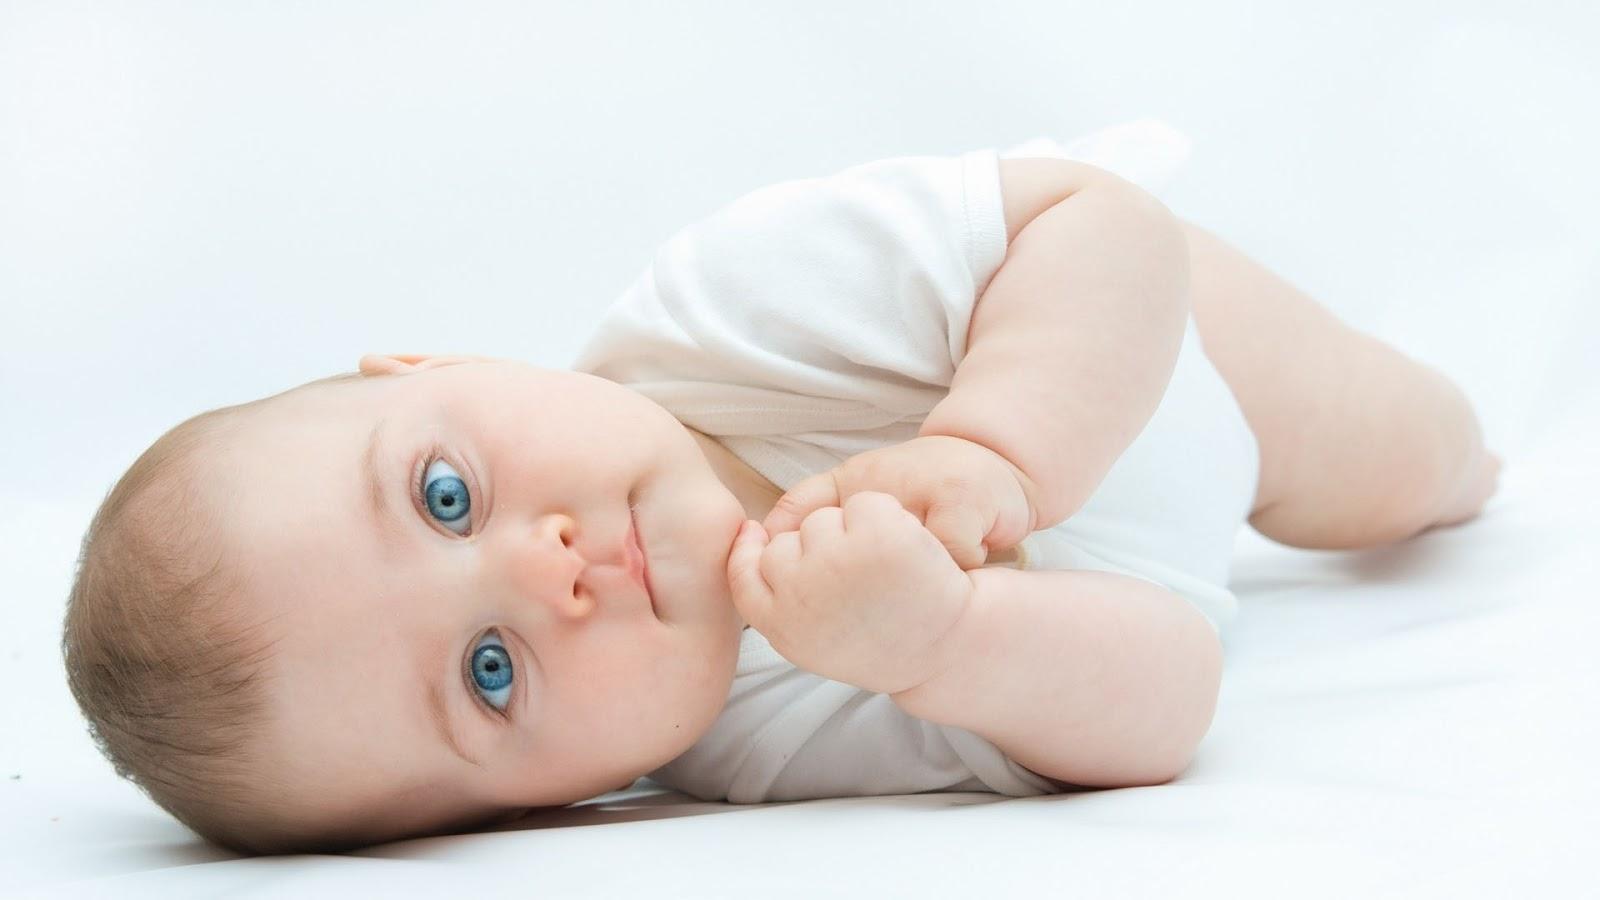 Cute Little Blue Eyes Baby HD Wallpaper Cute Little Babies 1600x900